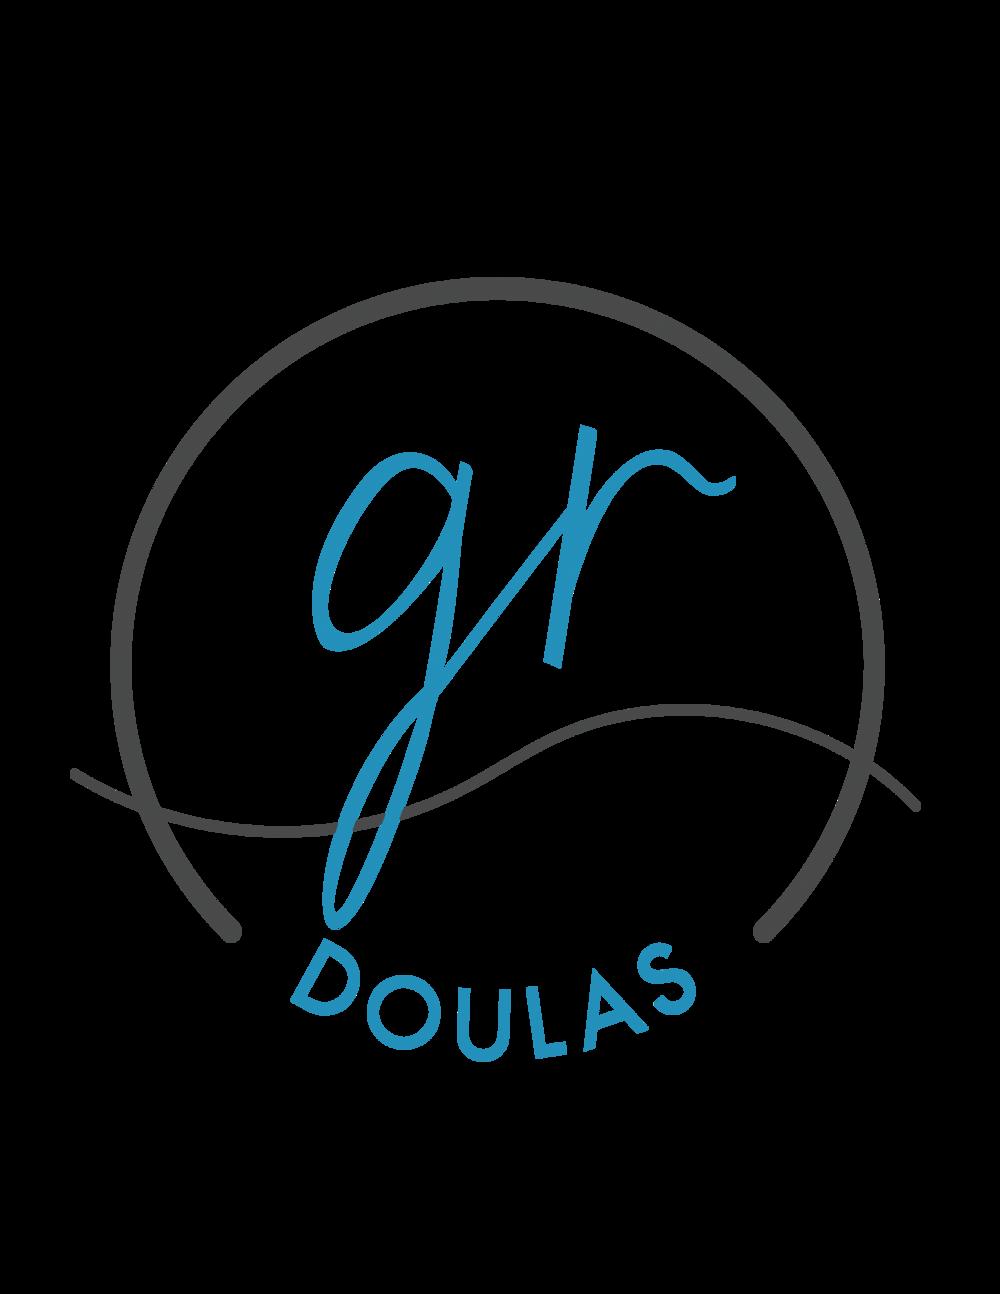 GR Doulas, Grand Rapids, MI